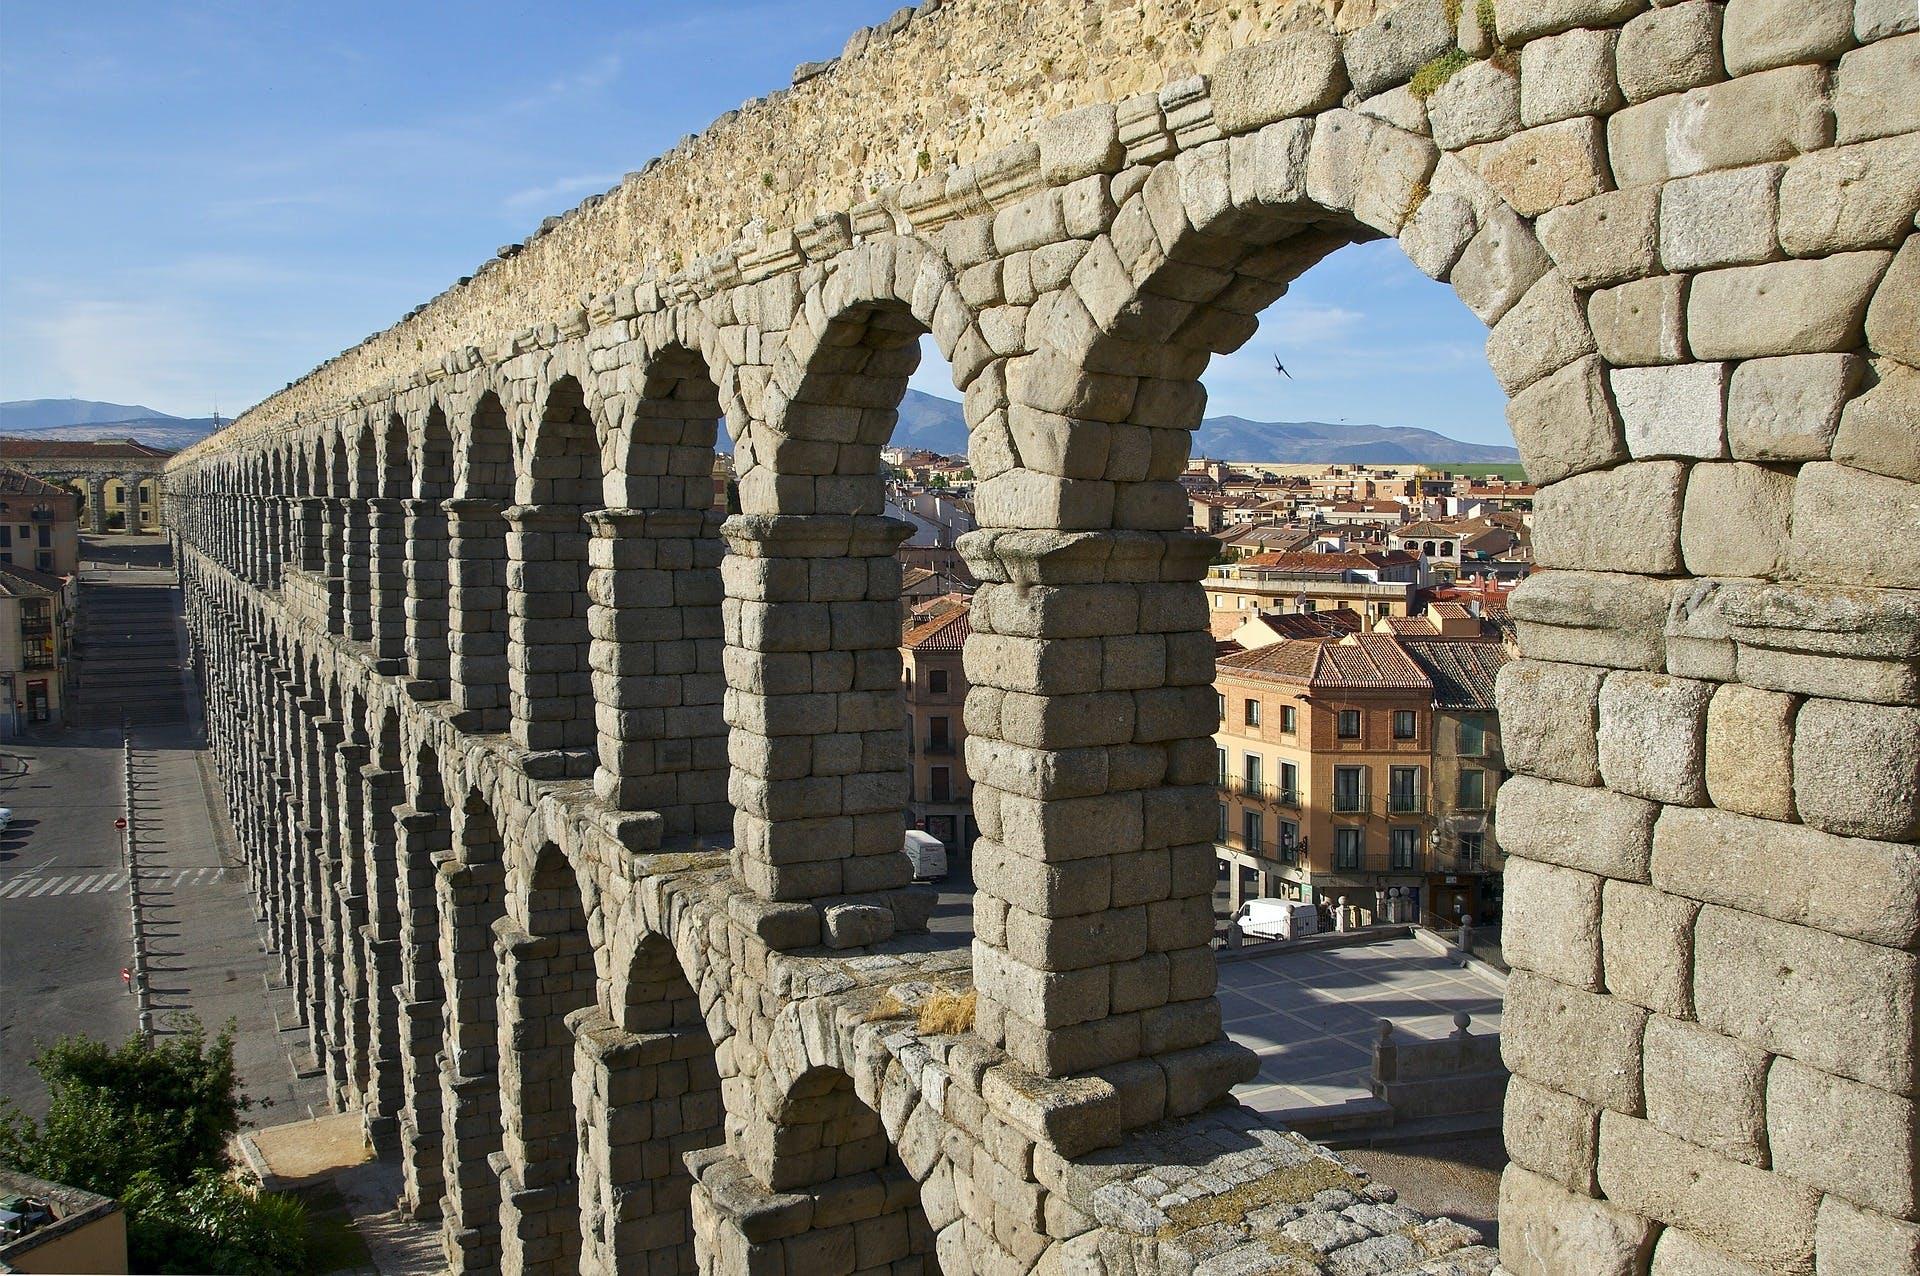 Wycieczka Segovia i Toledo z Madrytu z biletami na skip-the-line do katedry i Alkazaru